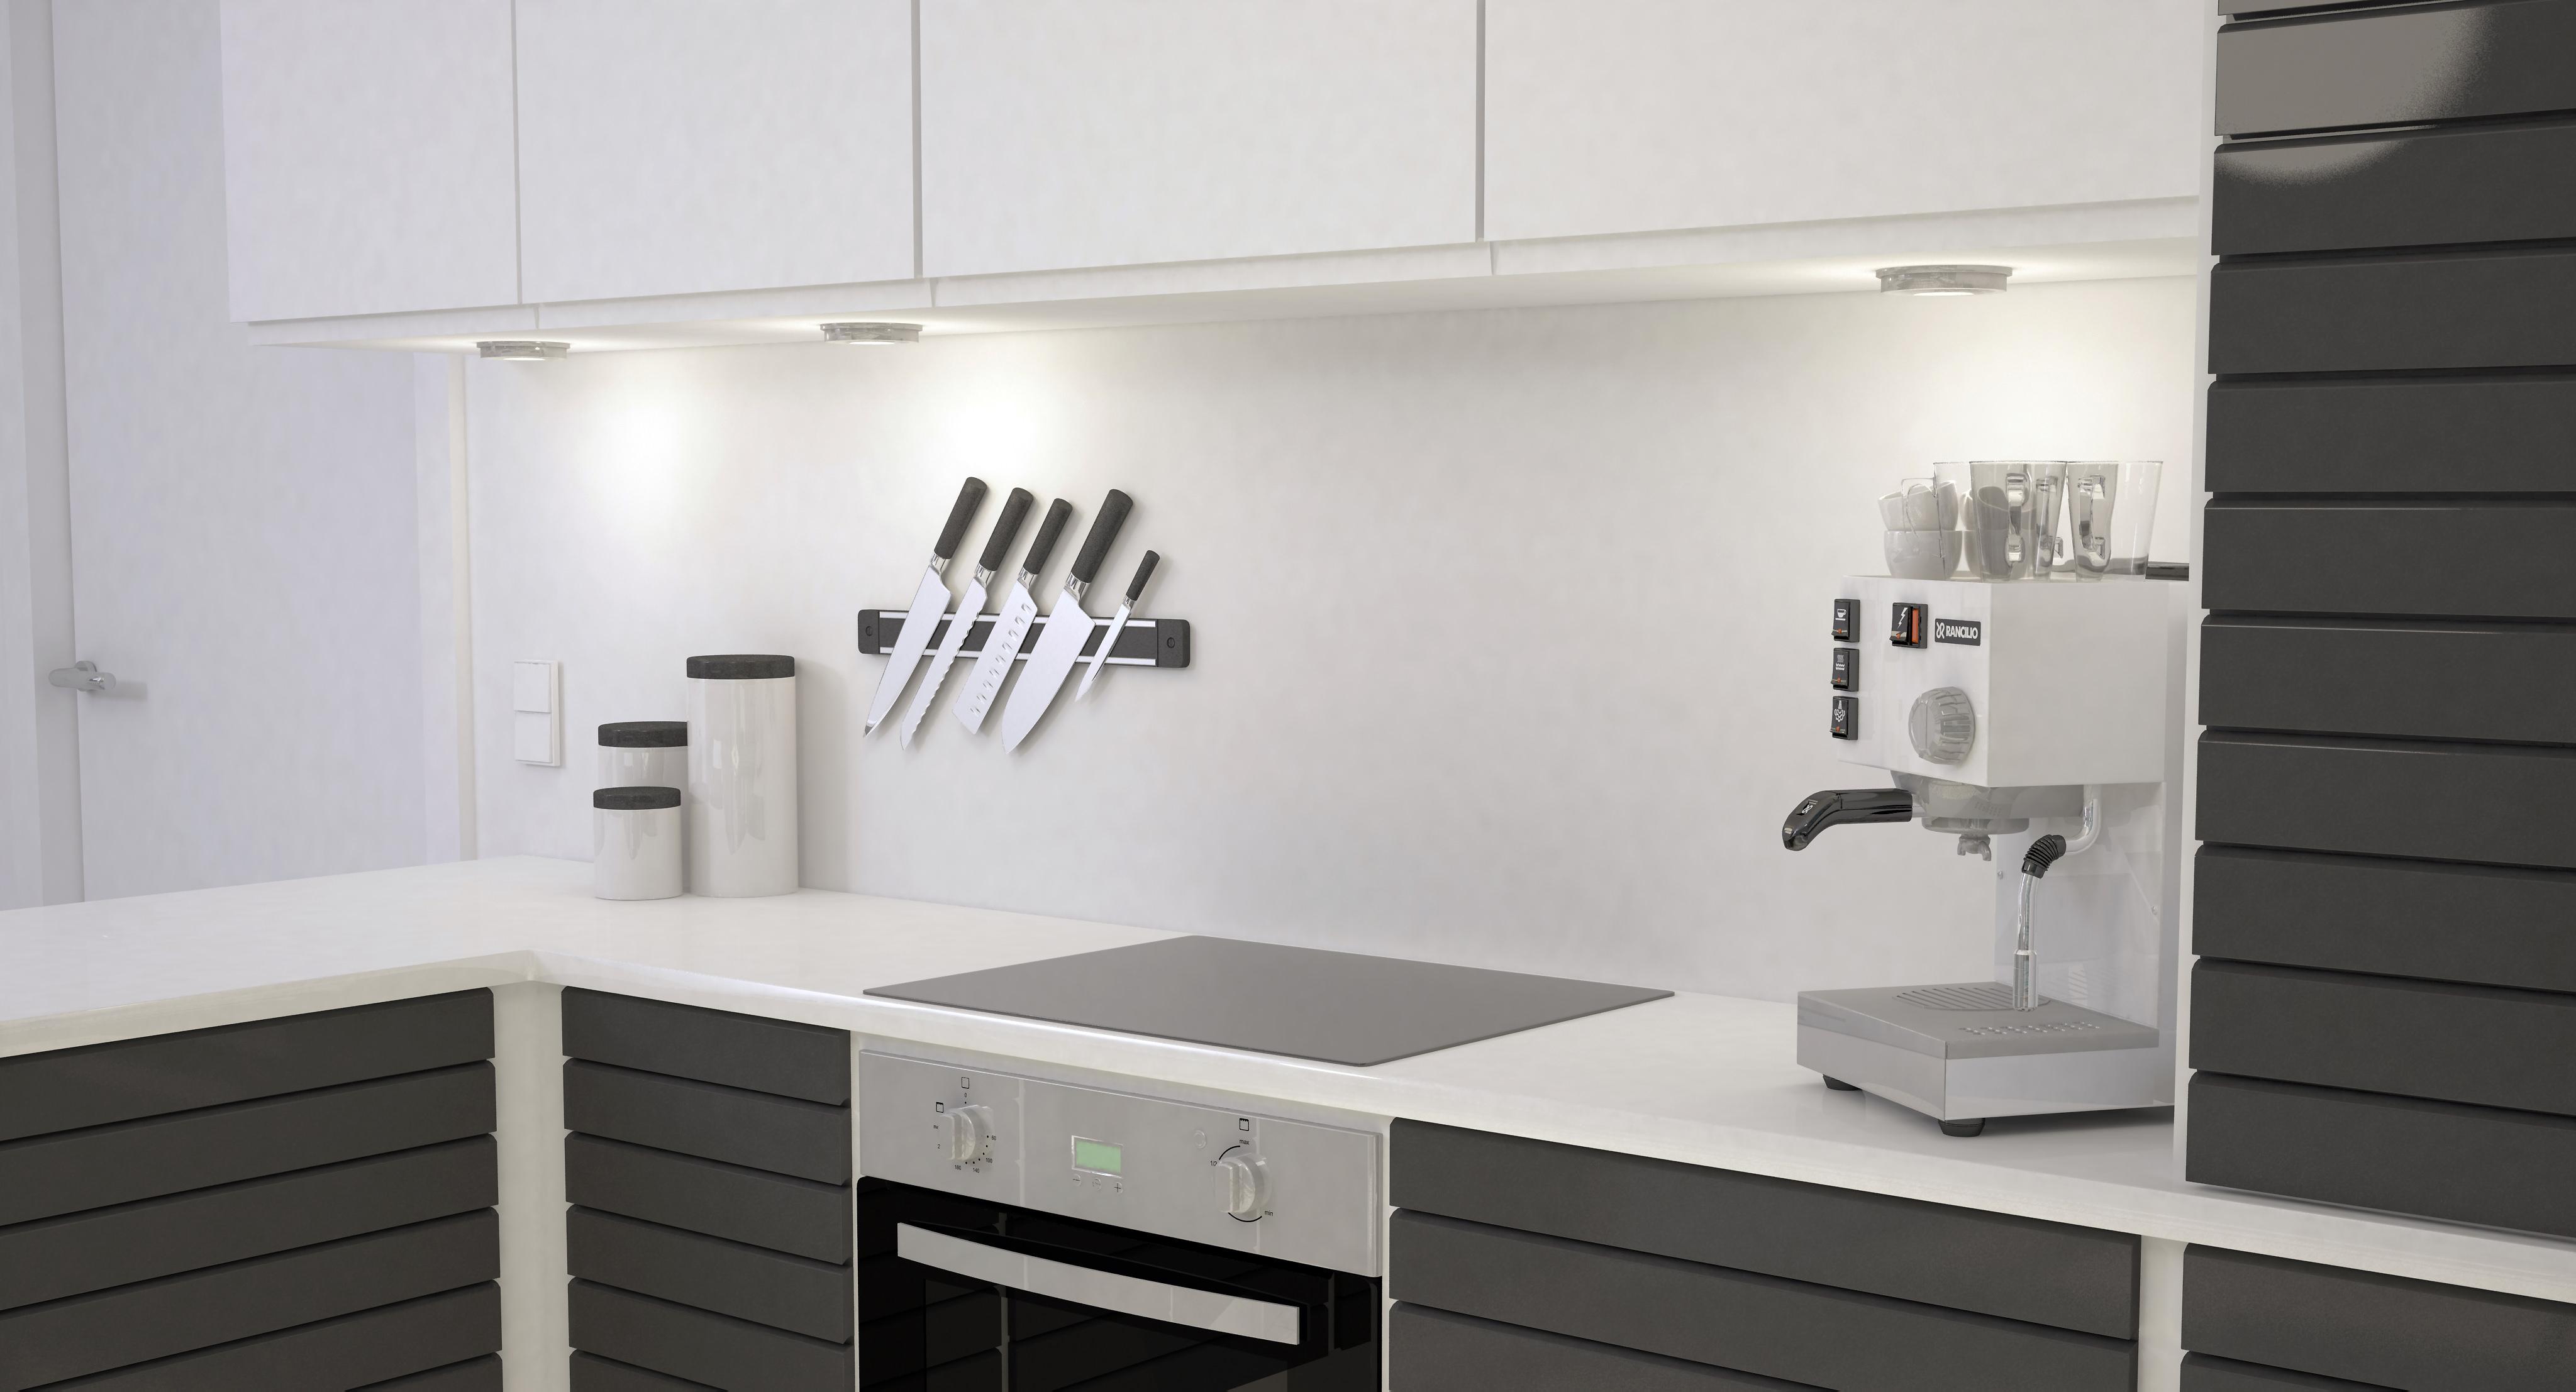 Kitchen Design Model Max Autocad Auto Cad Home Design